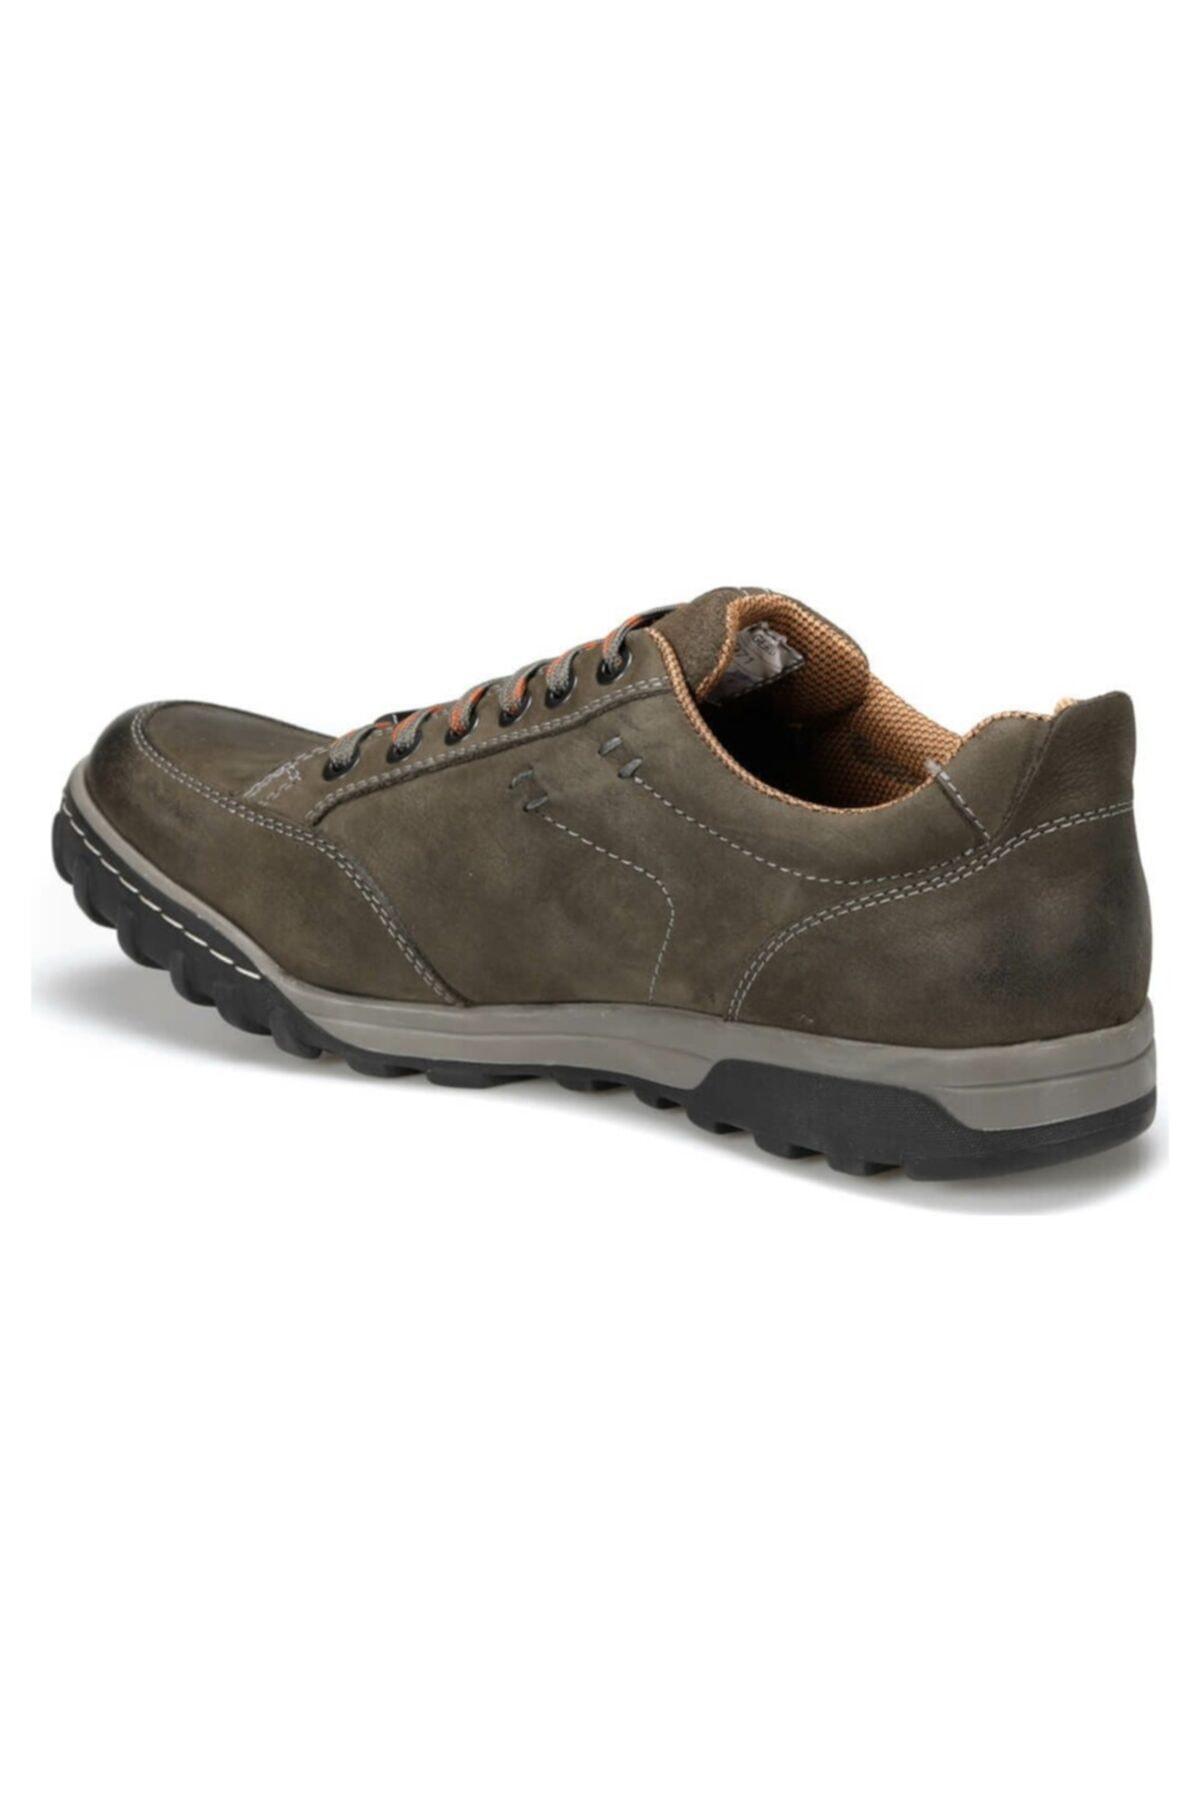 Dockers 217111 Erkek Outdoor Kışlık Ayakkabı